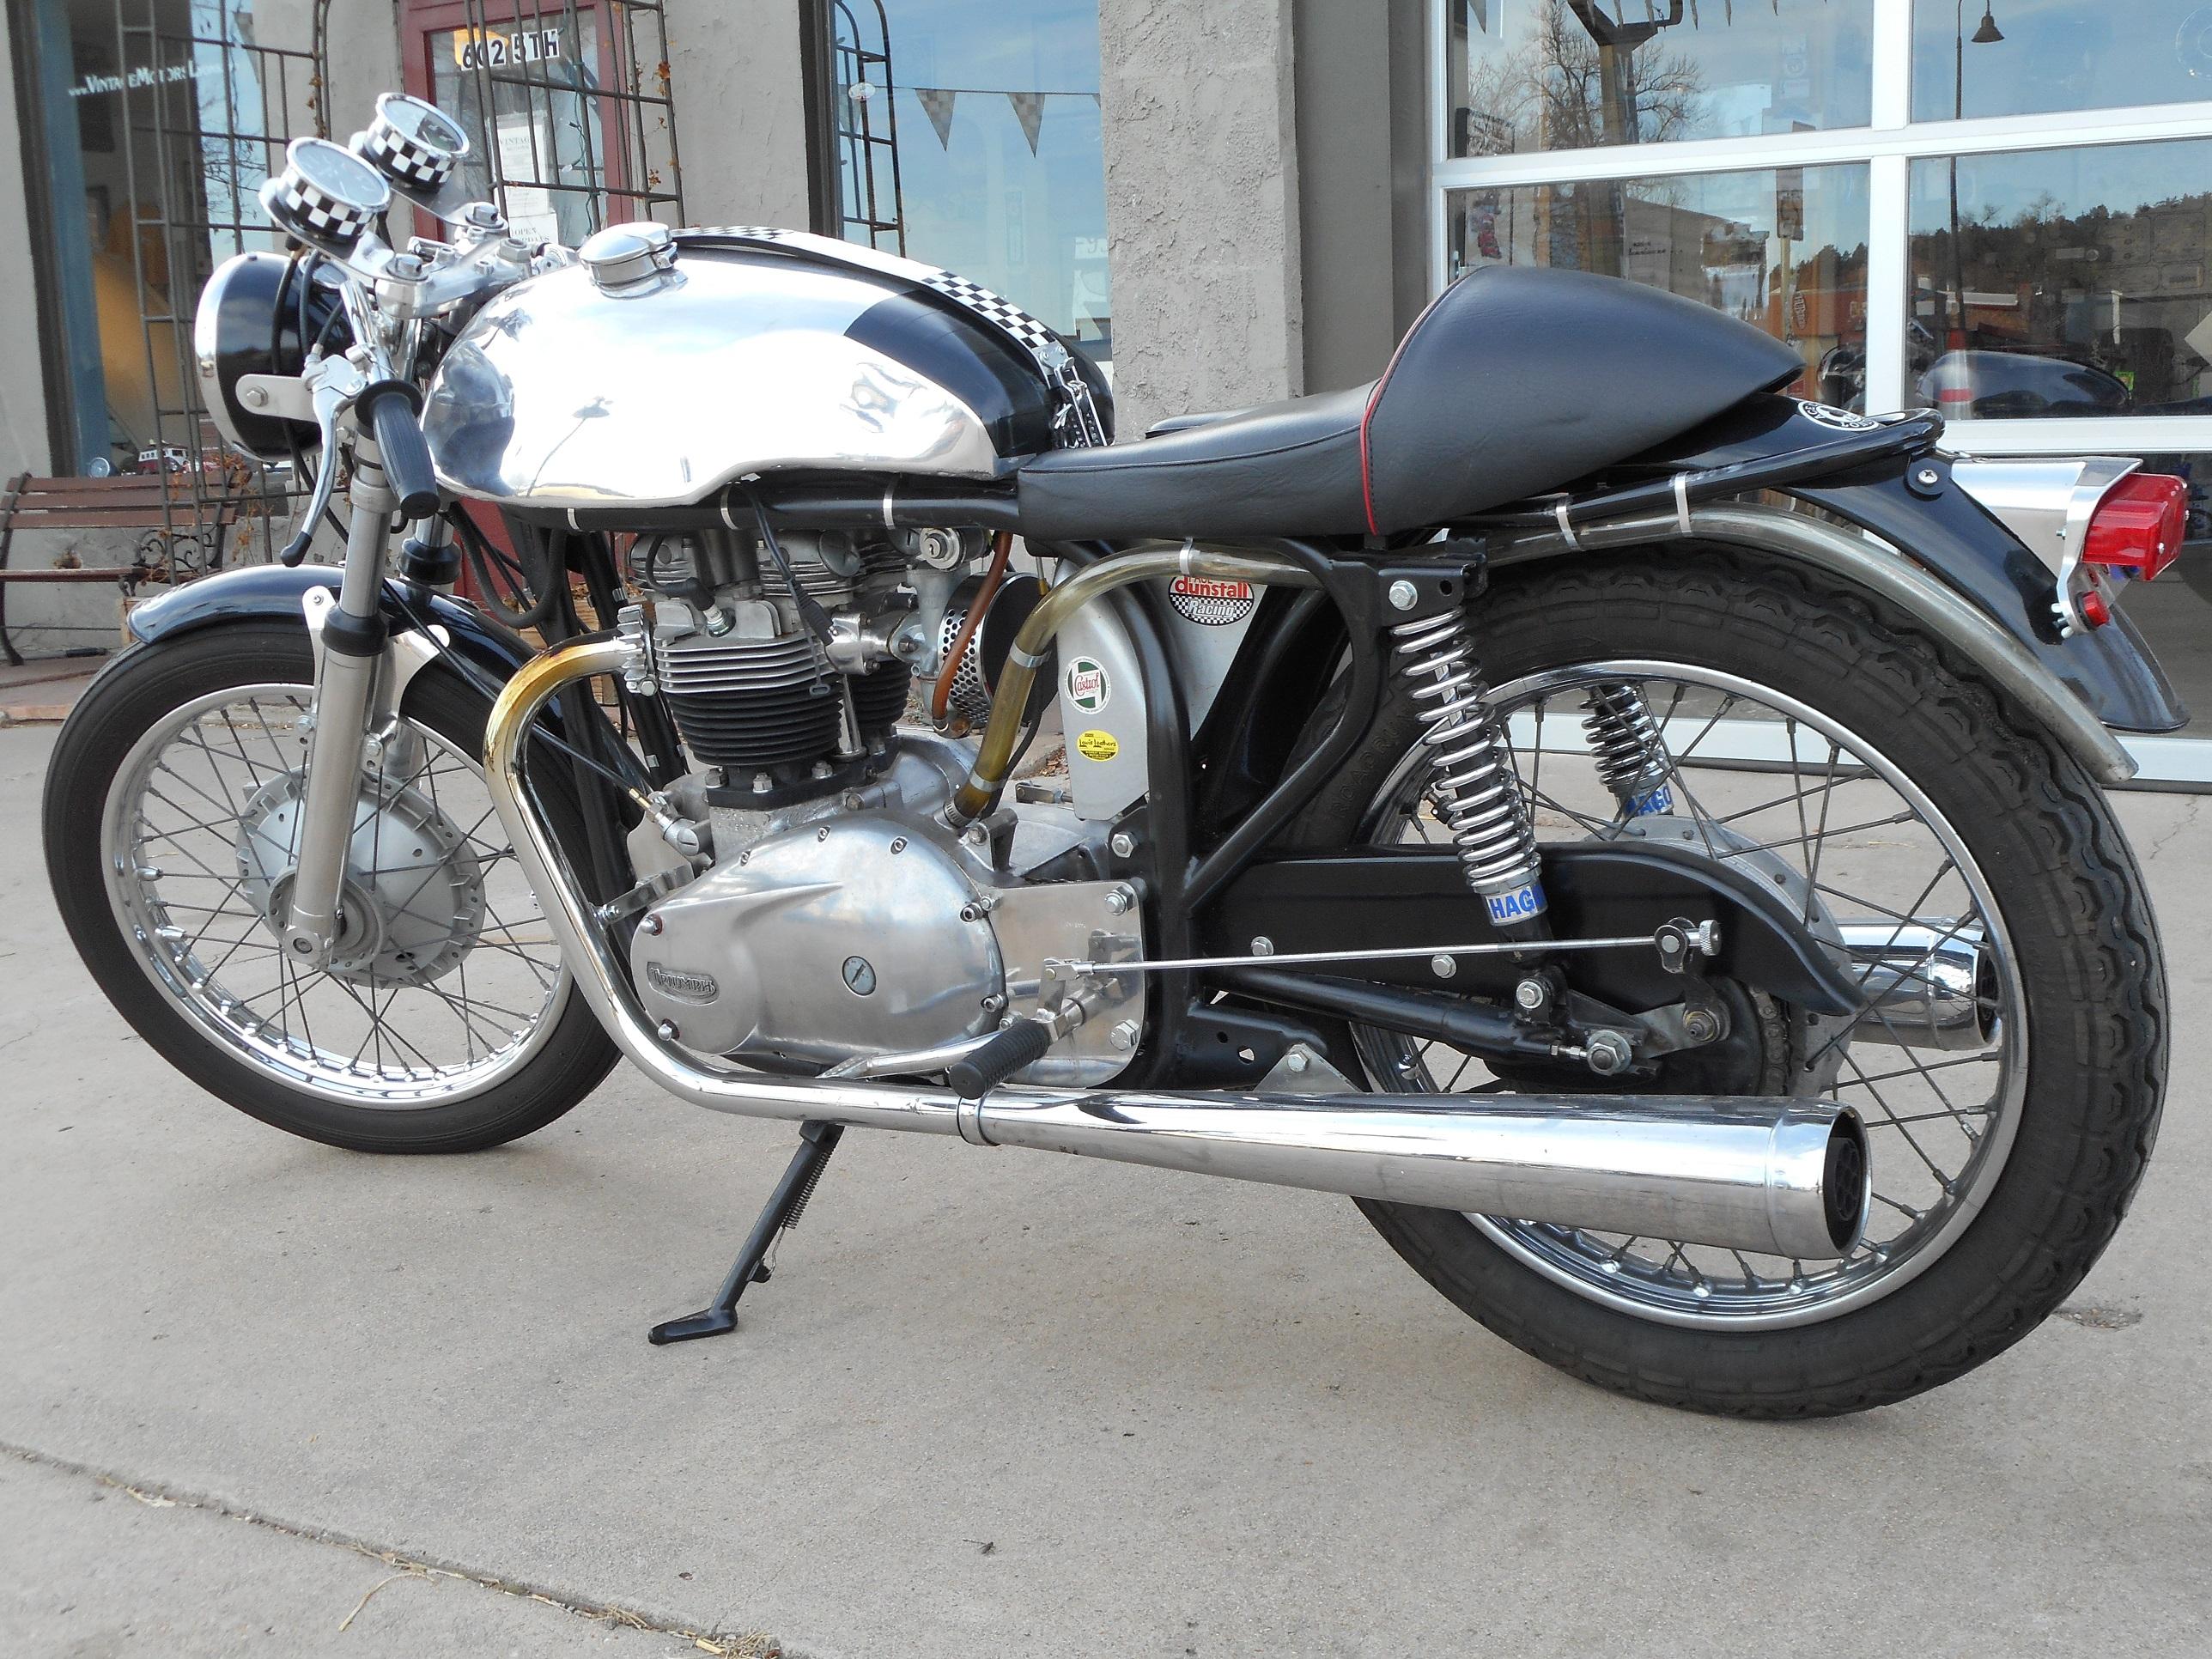 1962 triton vintage cafe racer motorcycle sold vintage motors of lyons. Black Bedroom Furniture Sets. Home Design Ideas